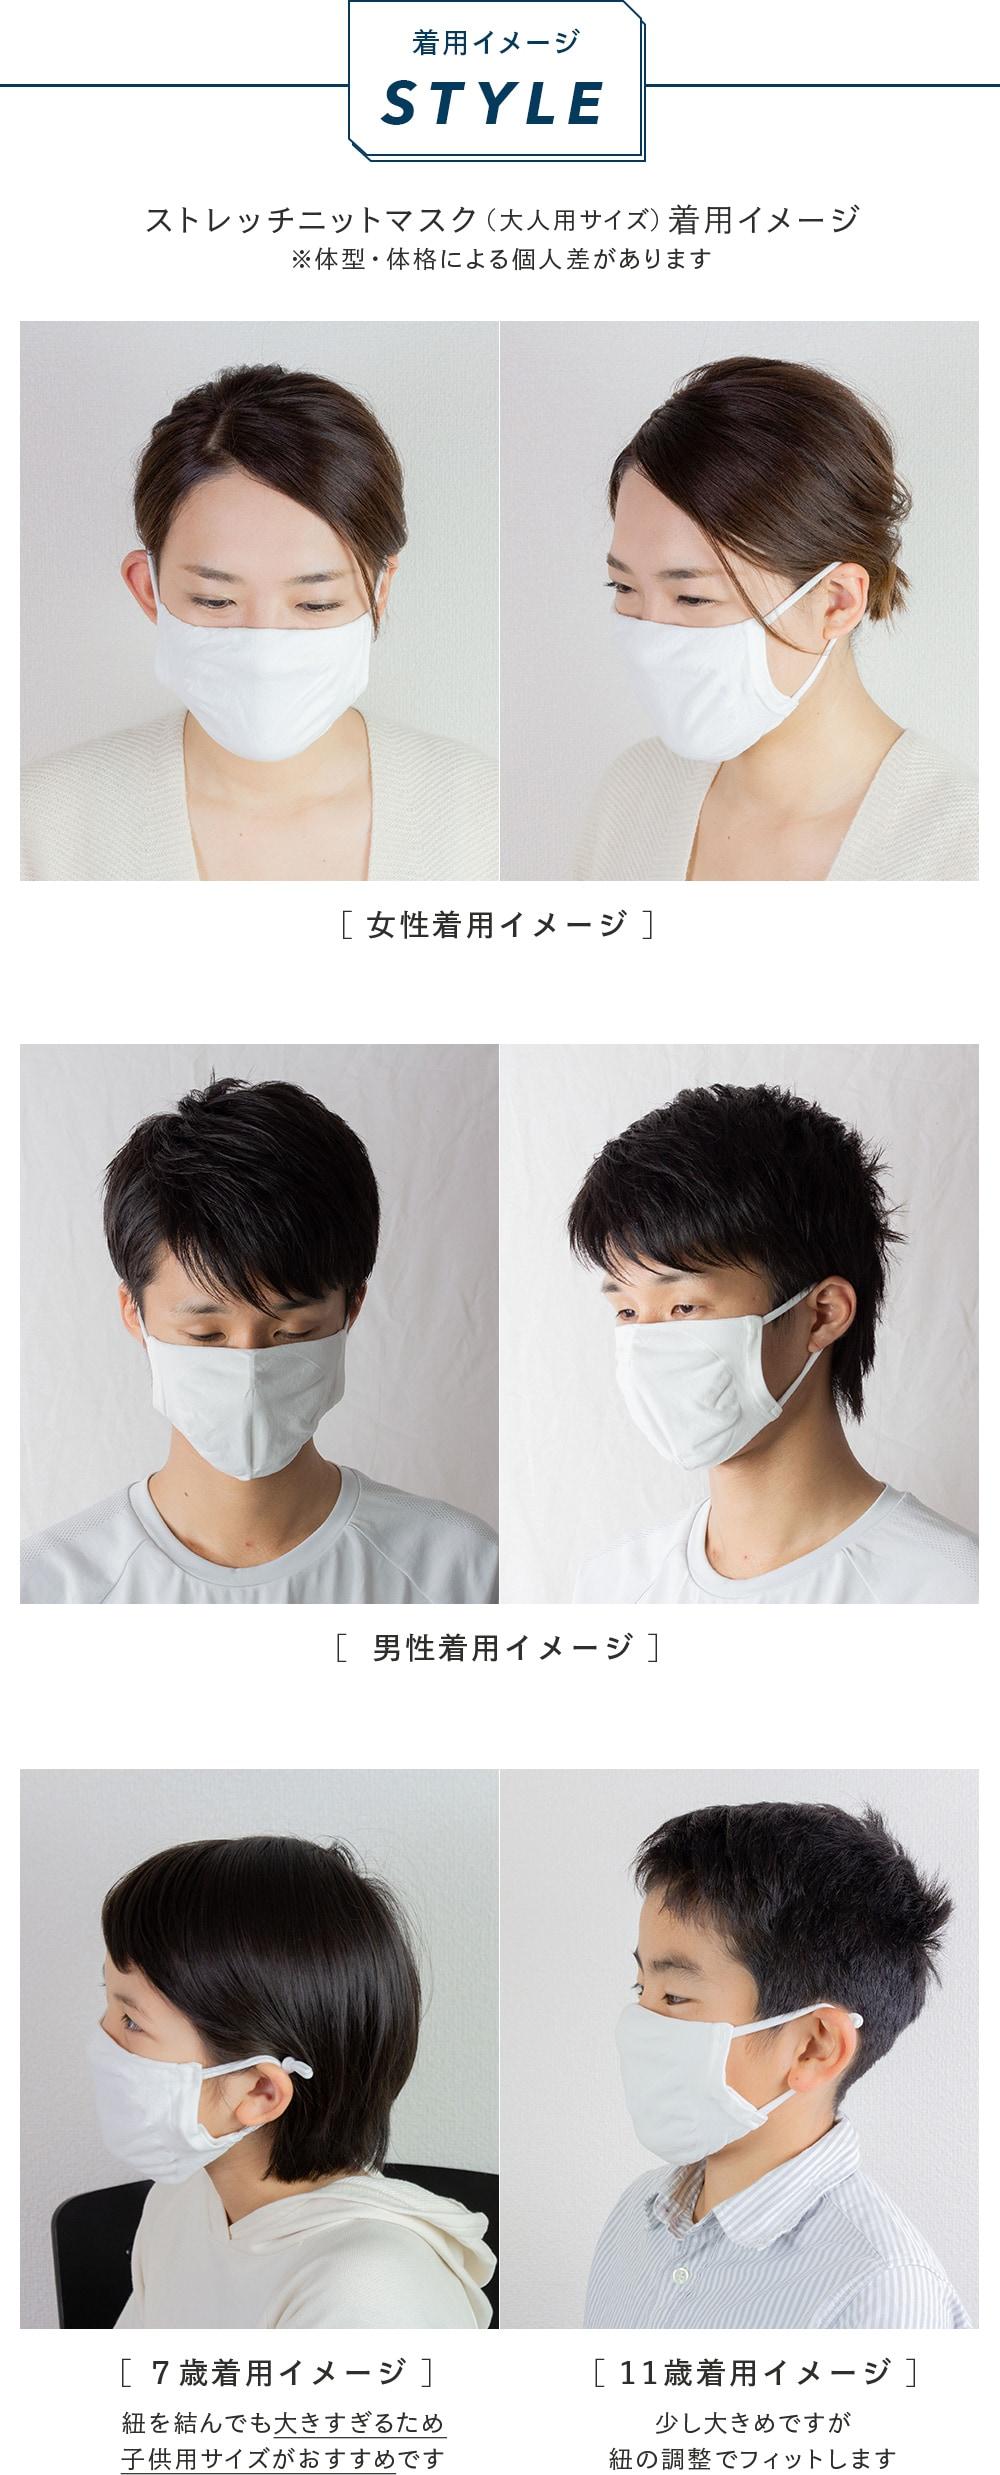 ストレッチニットマスク着用イメージ